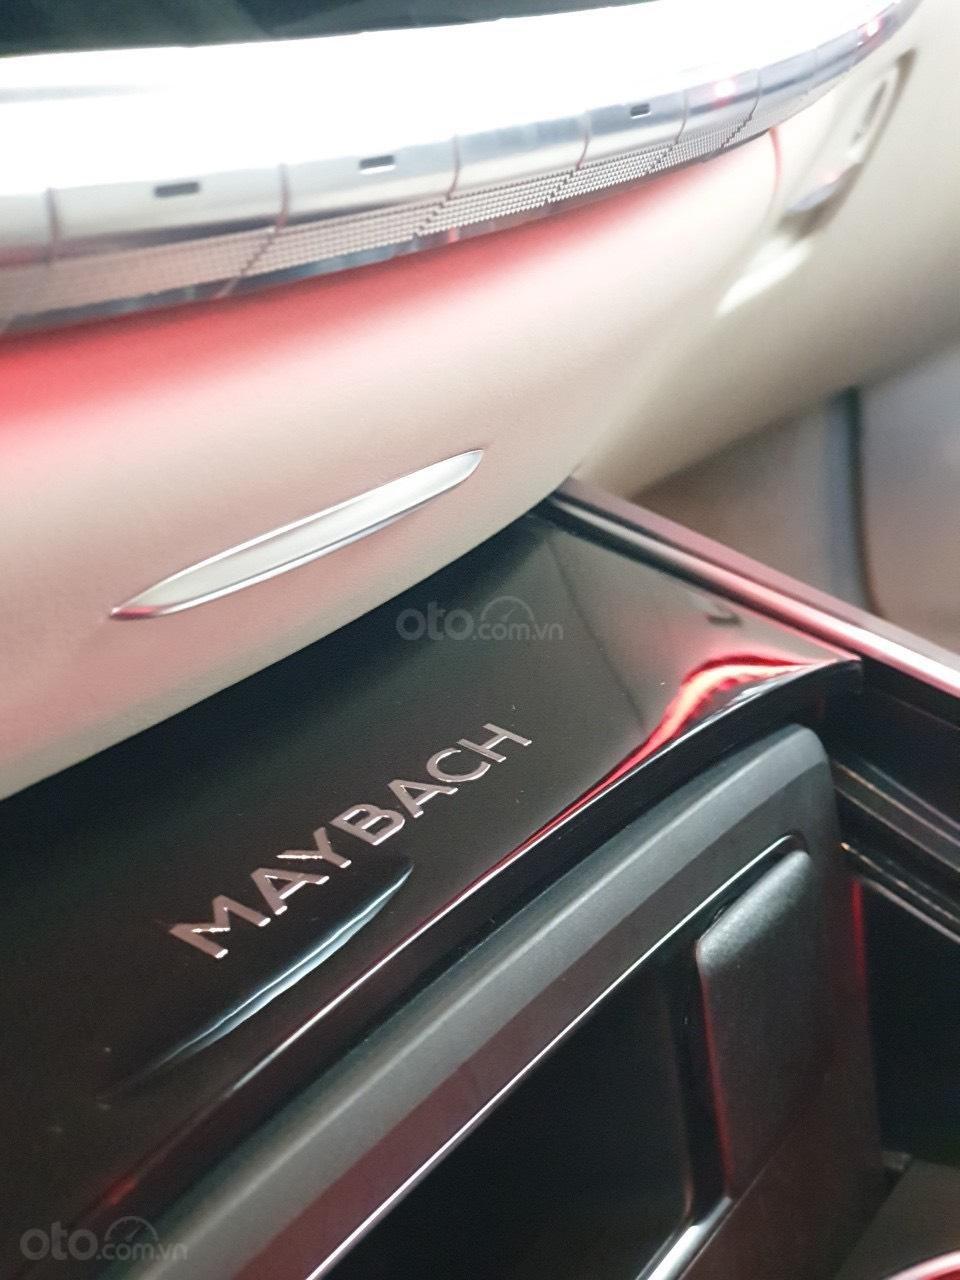 Bán Mercedes Maybach S560 hàng khủng, độc đáo đã về tới Showroom (12)